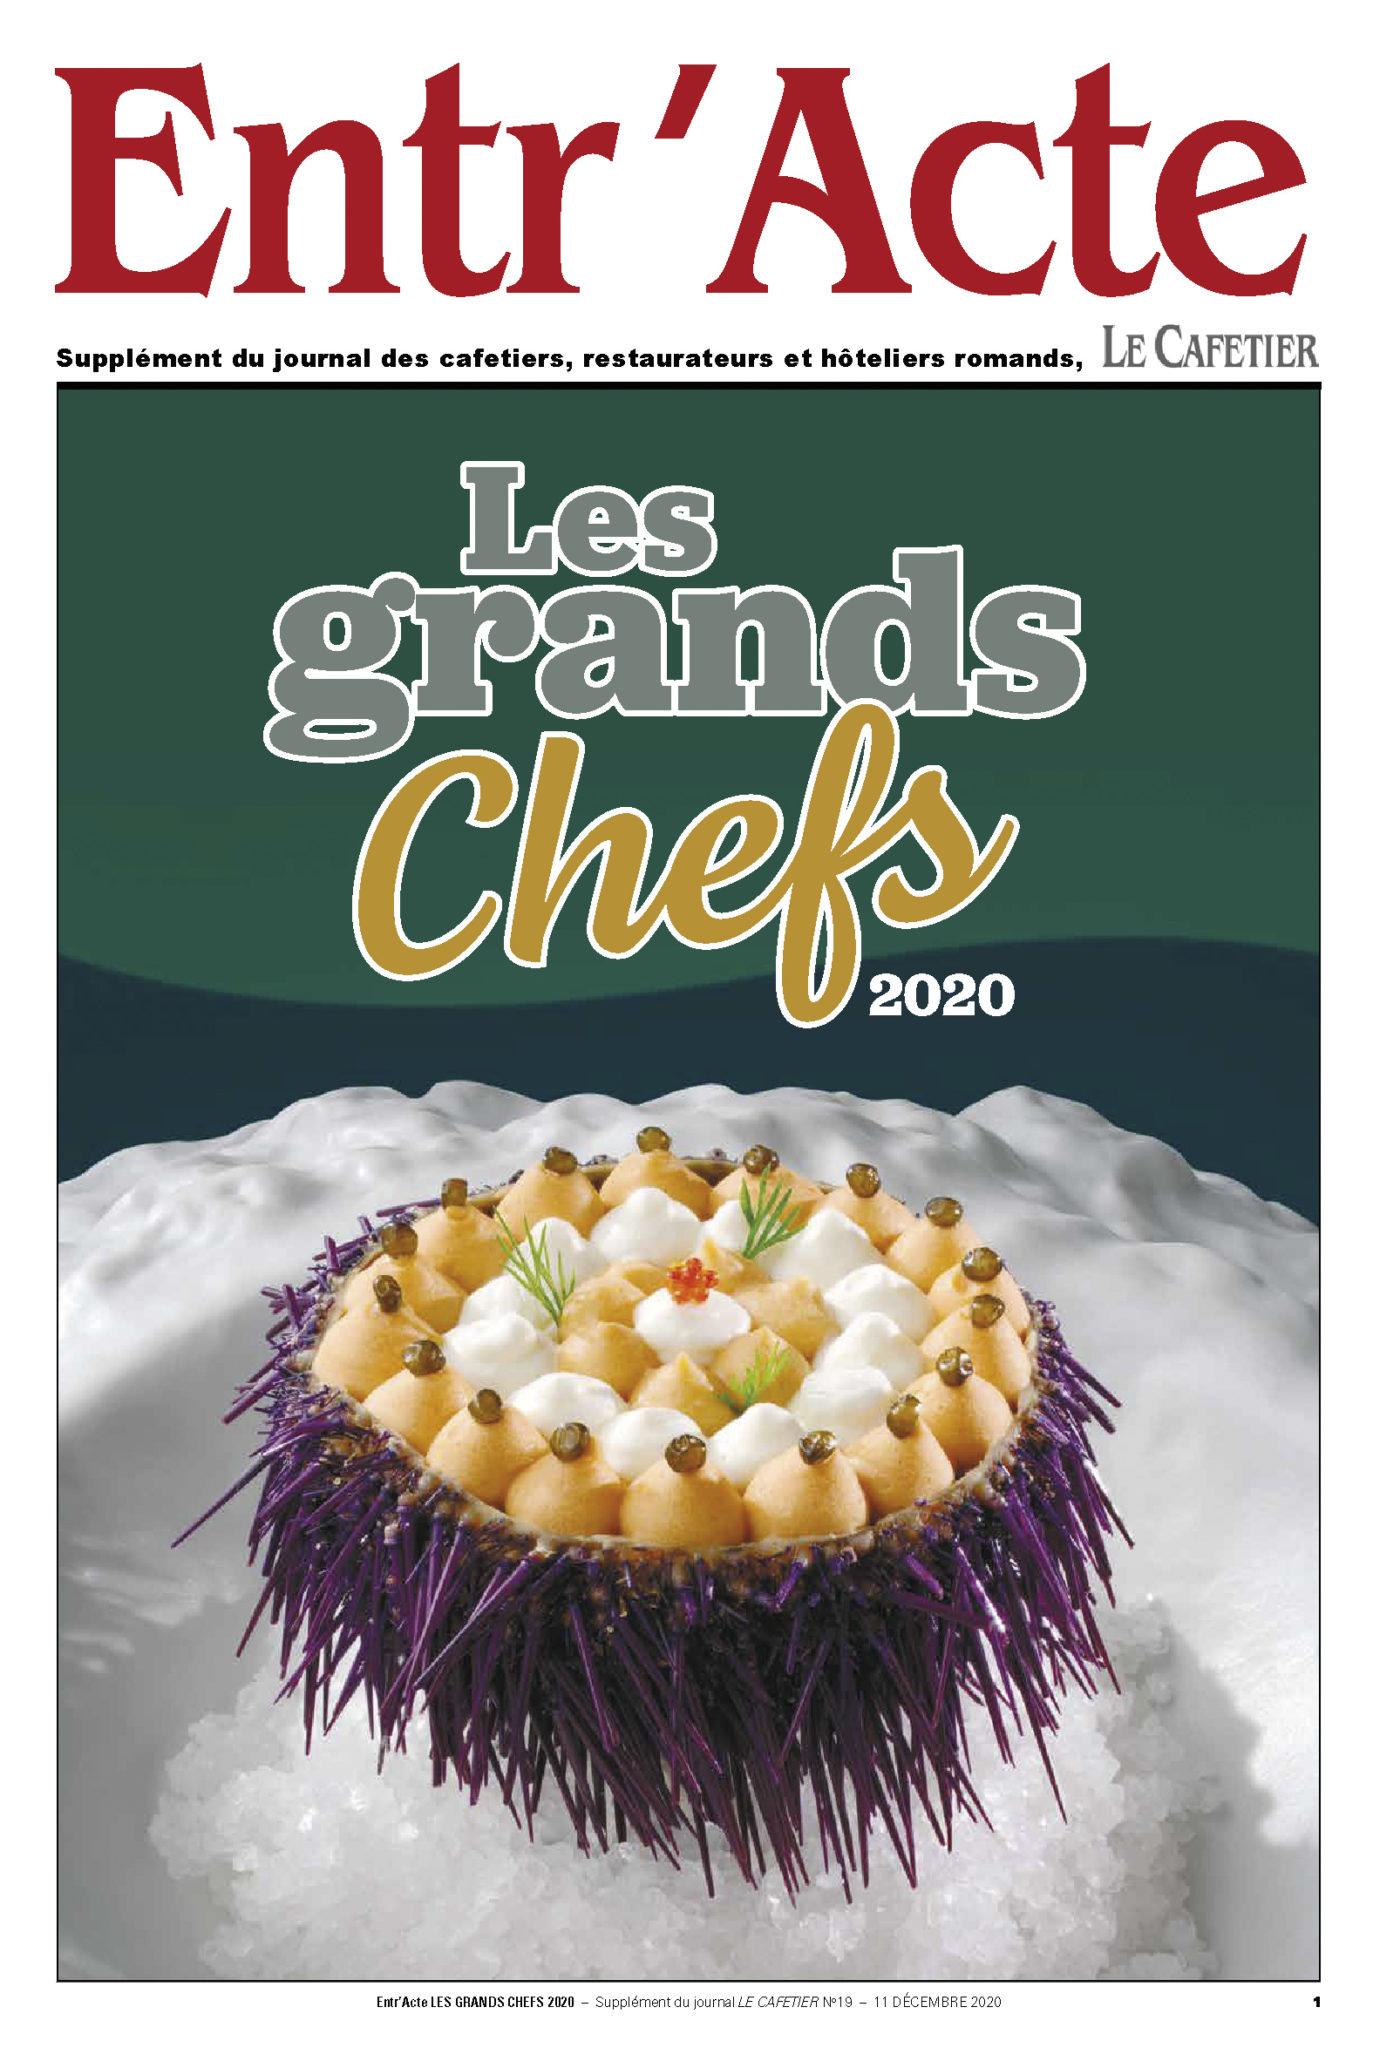 Entr'Acte Les Grands Chefs 2020